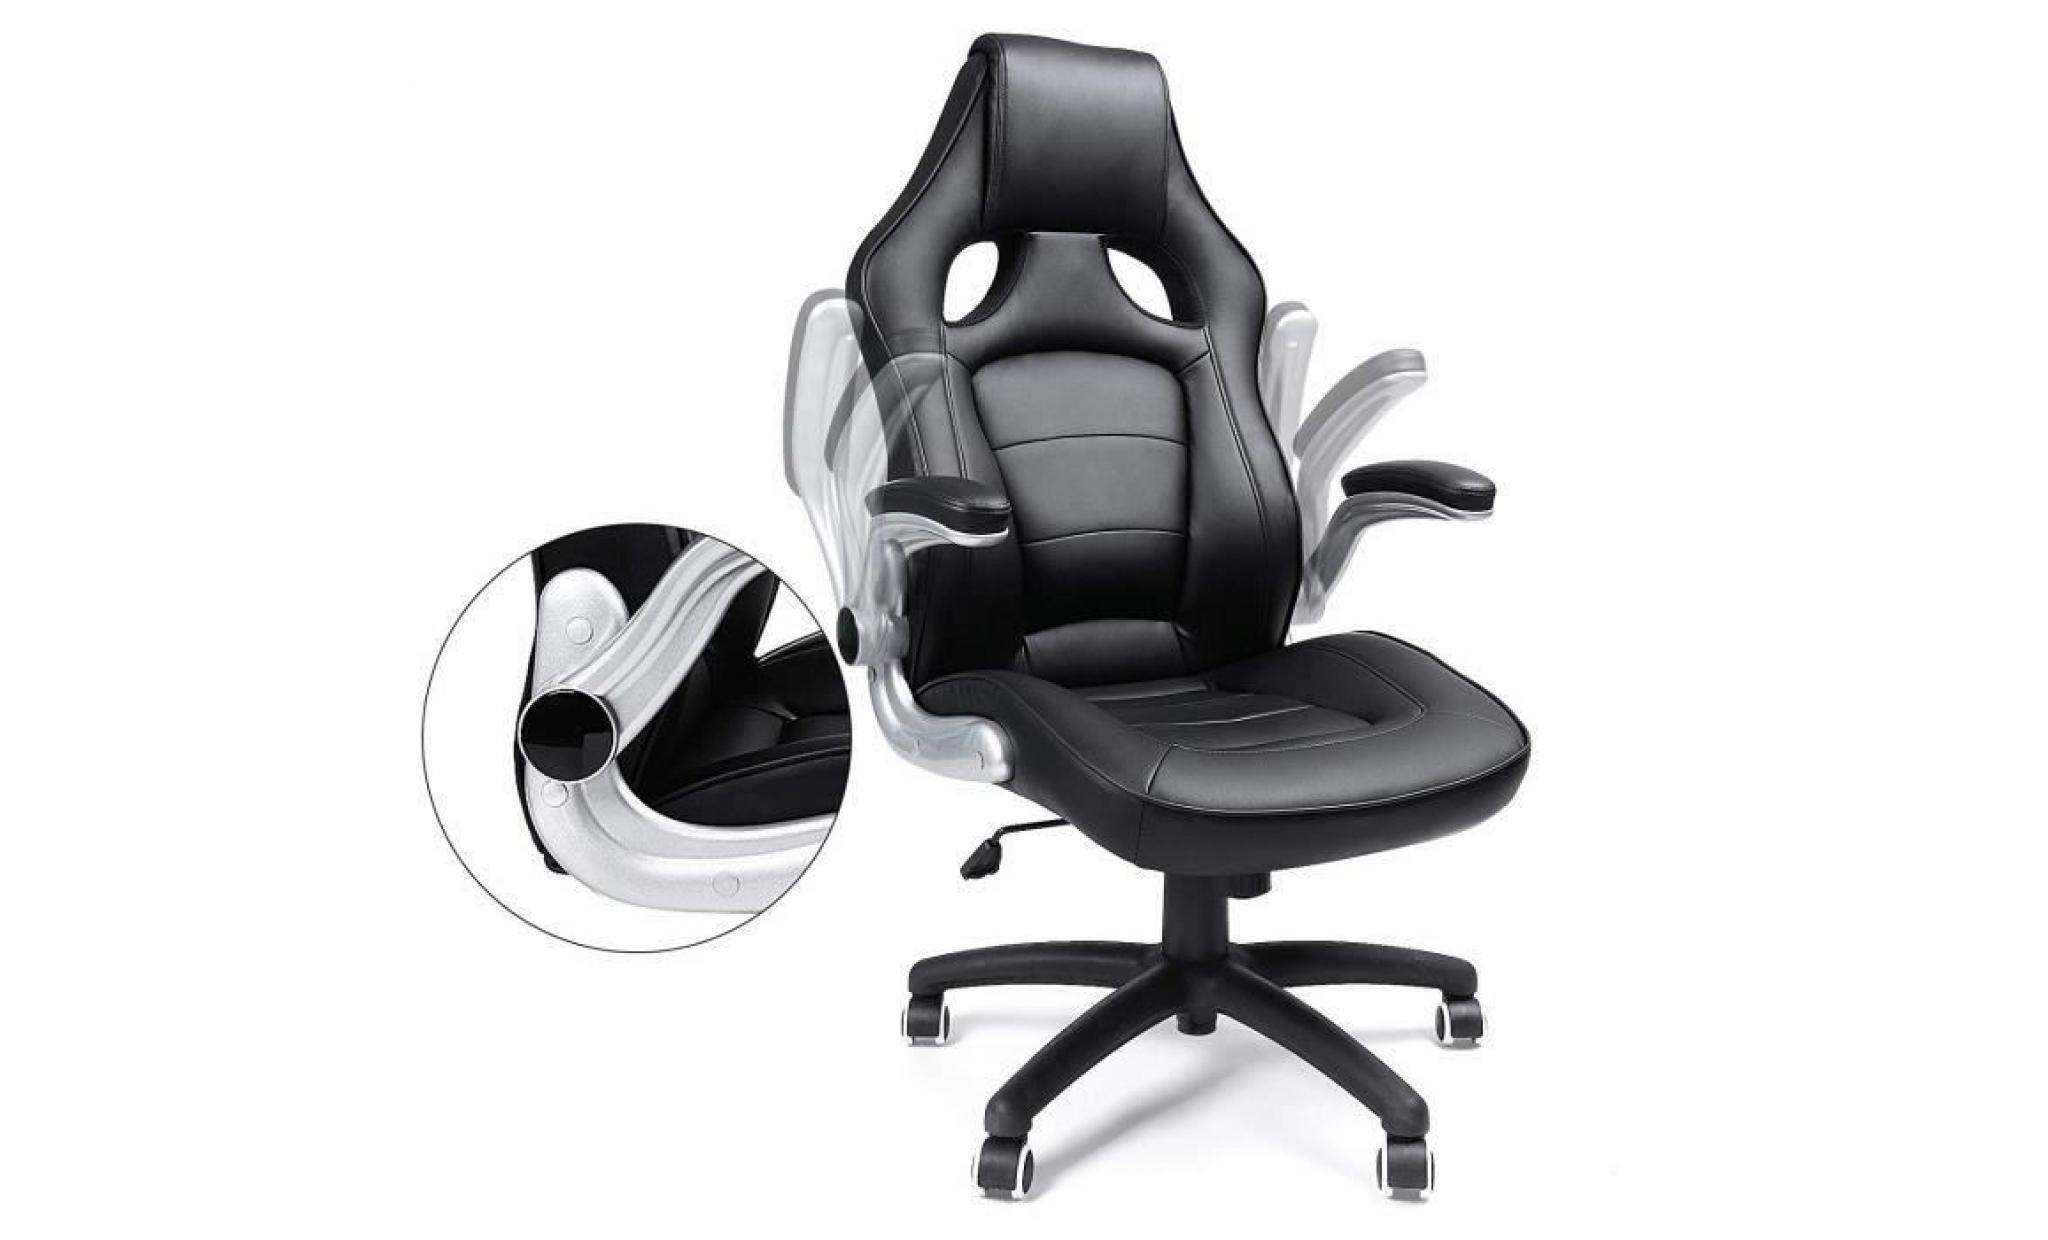 songmics chaise de bureau accotoir pliable fauteuil de bureau hauteur reglable pu siege de bureau obg51b achat vente fauteuil de bureau pas cher couleur et design fr